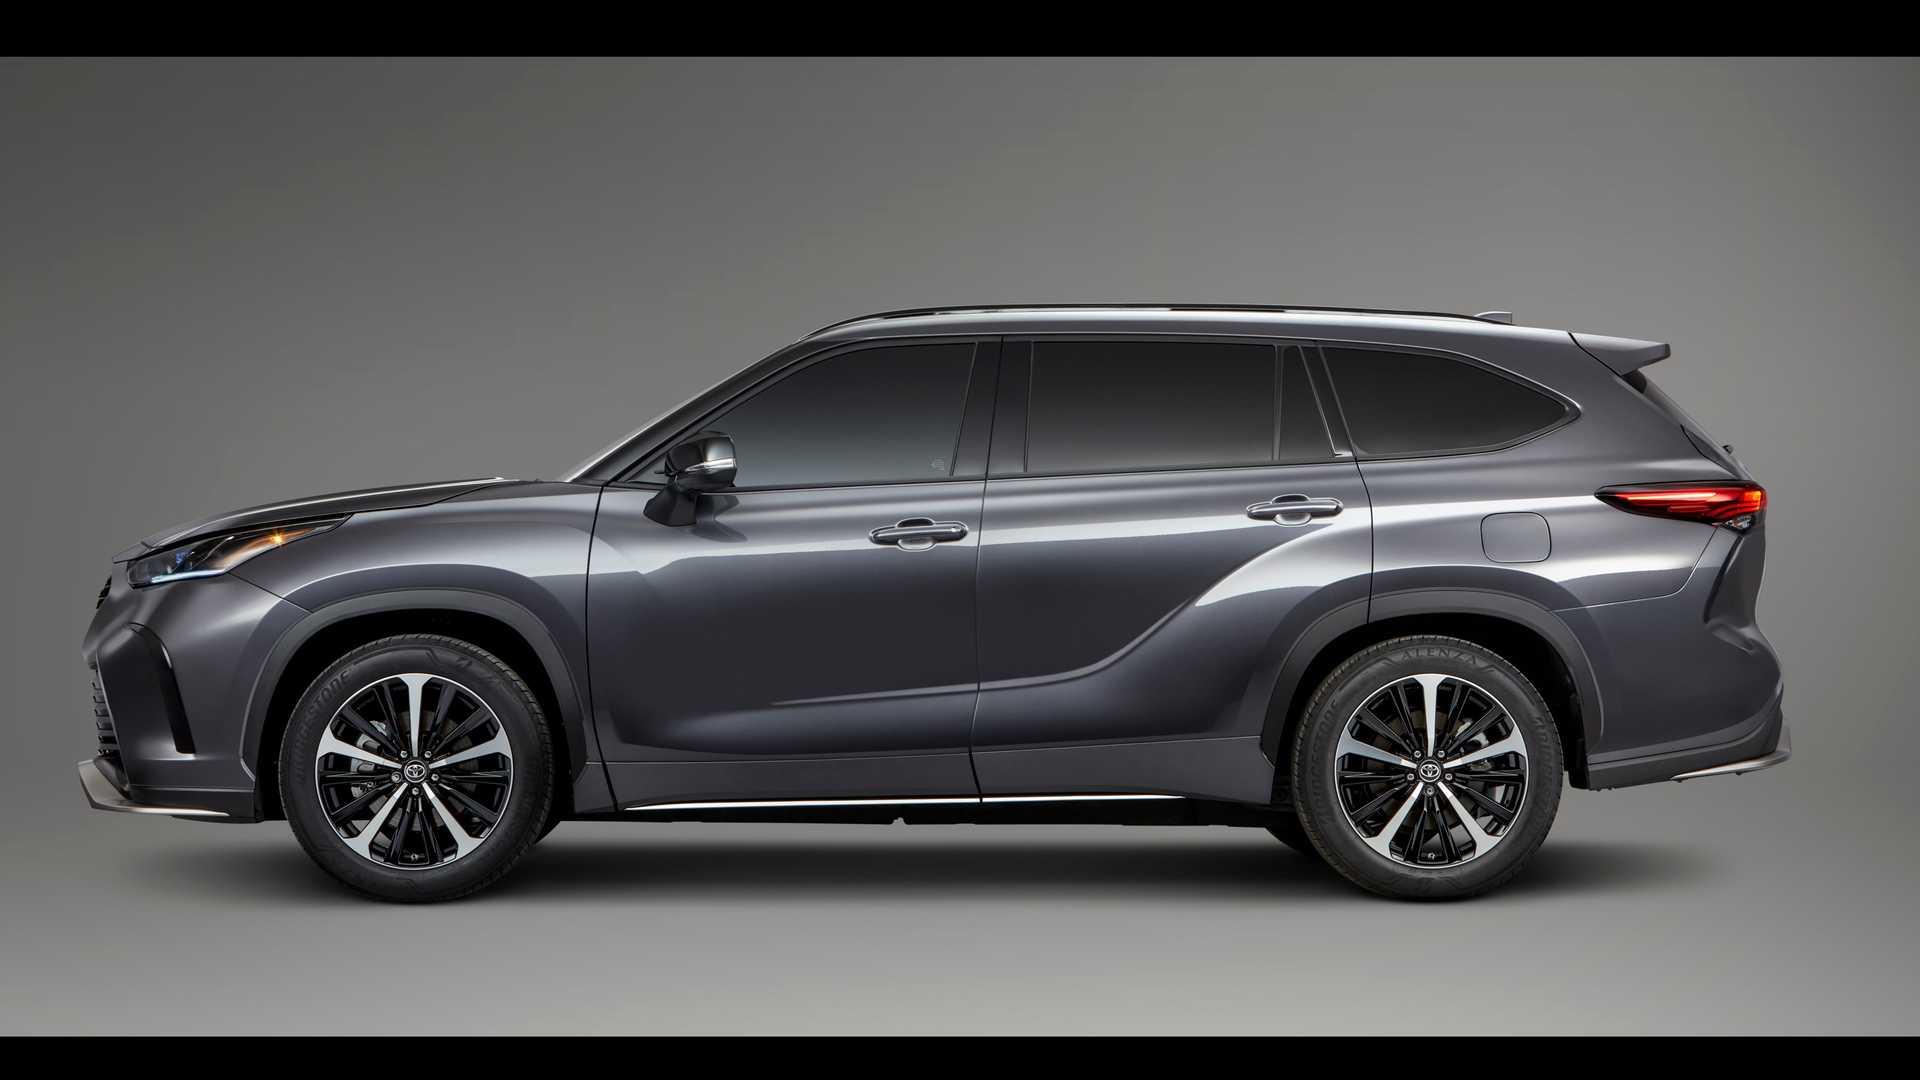 Toyota Highlander XSE 2021 hoàn toàn mới, đậm chất thể thao - 1